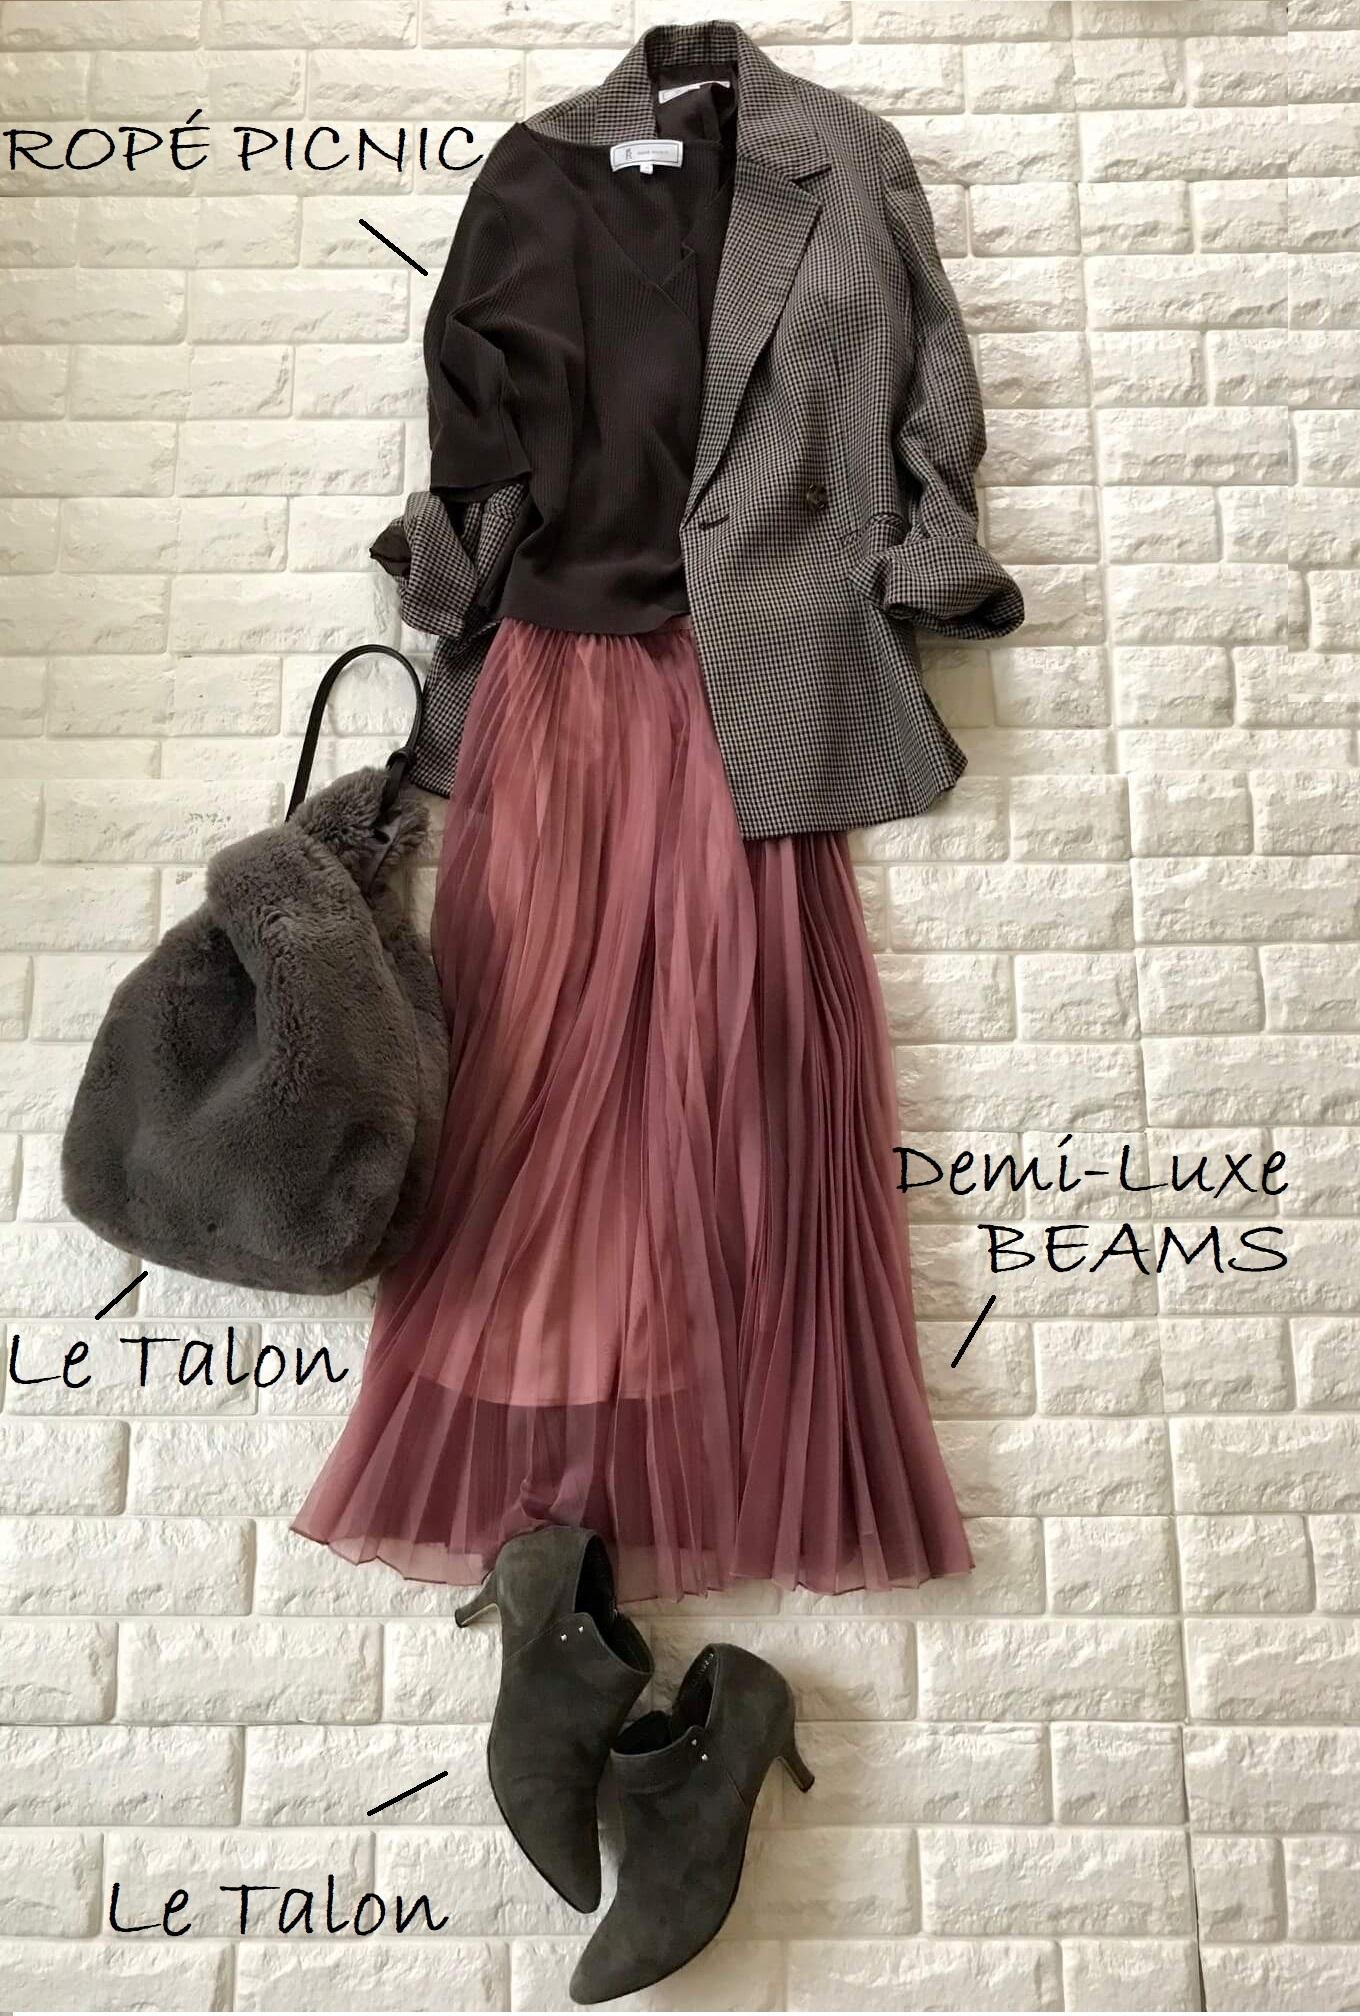 ロペピクニックのチェック柄テーラードジャケット×ピンクのプリーツスカートコーデ